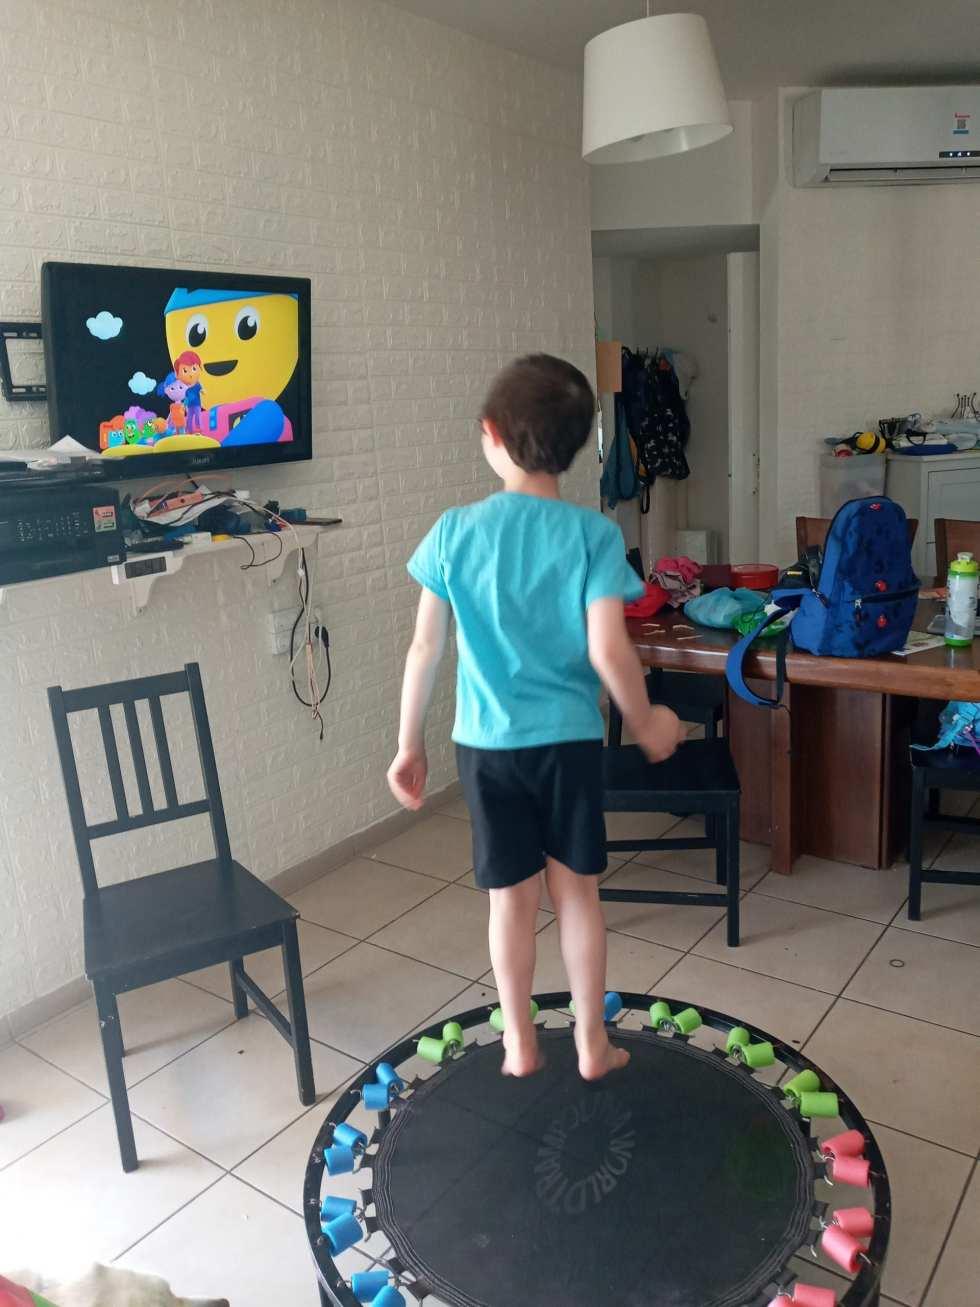 גם תרגילי כושר משחררים את העצירות אצל ילדים עם היפוטוניה